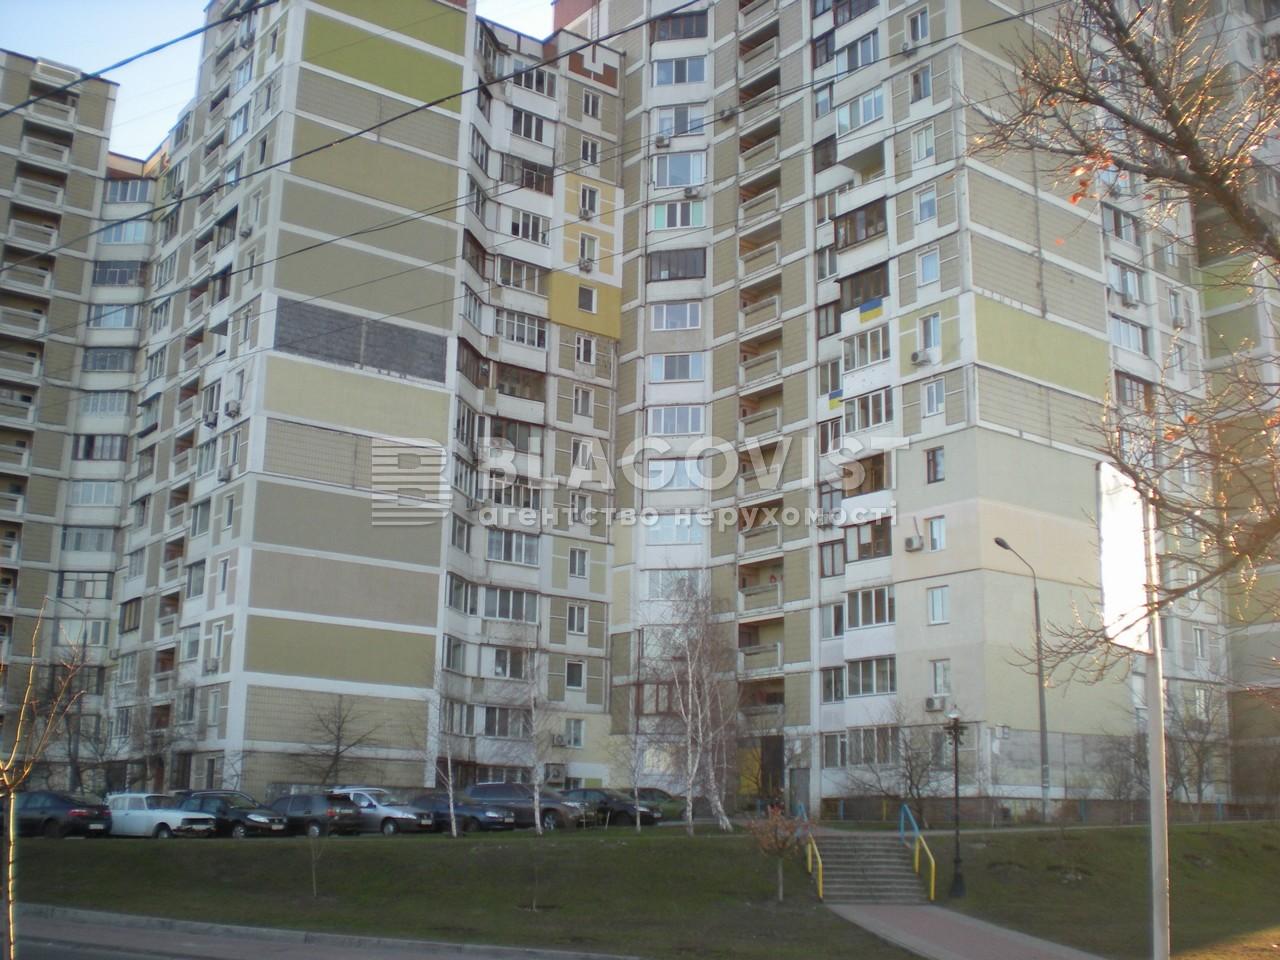 Квартира E-33646, Приречная, 37, Киев - Фото 1